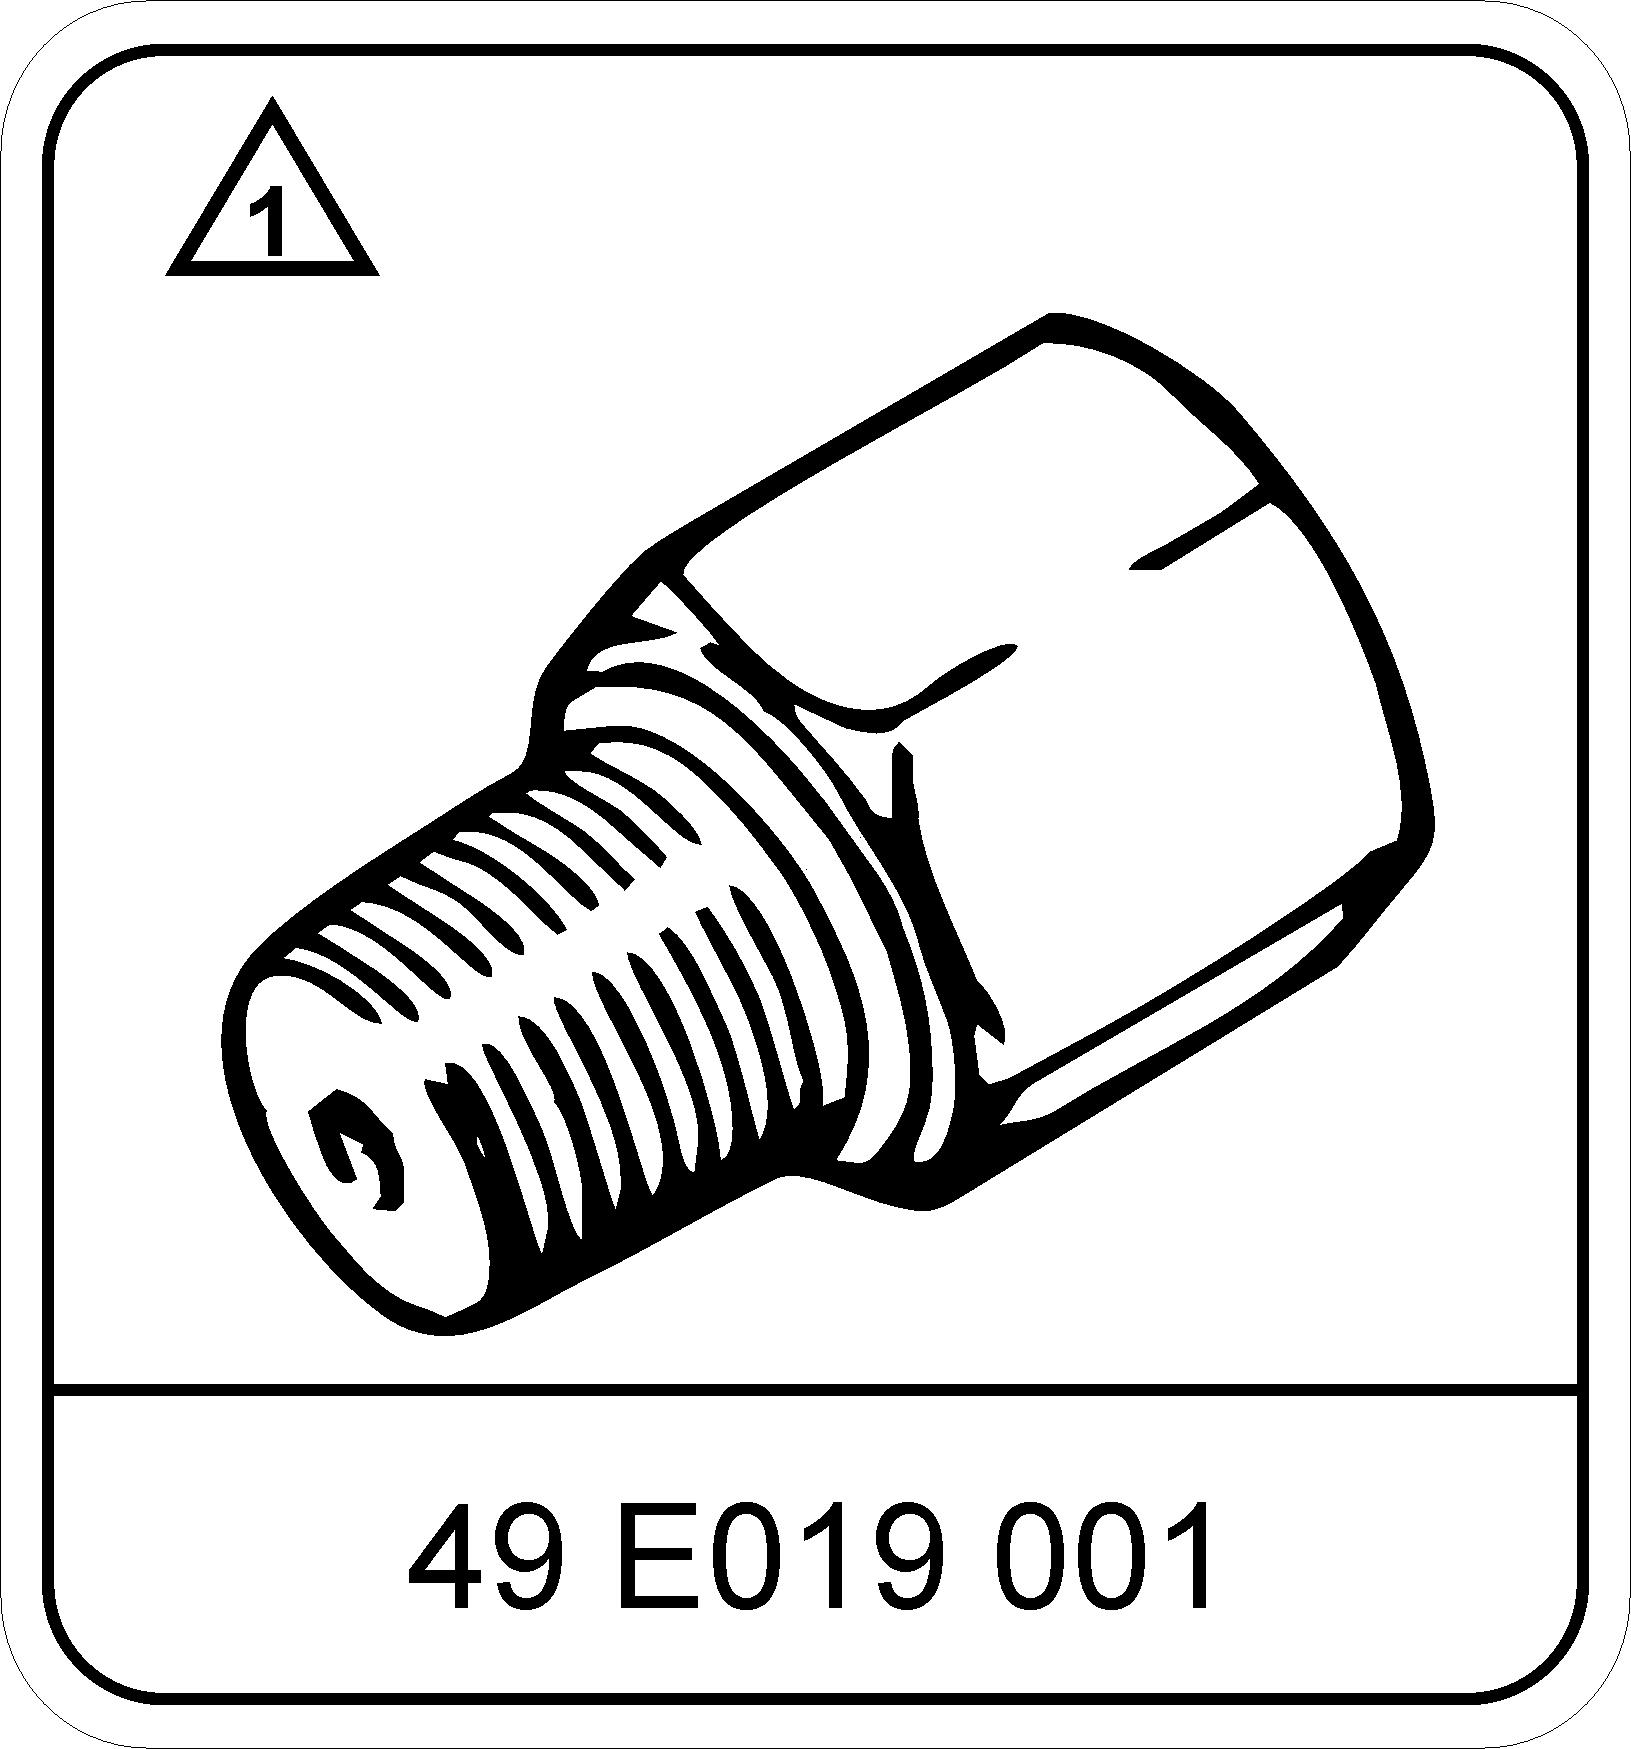 49-e019-001.png